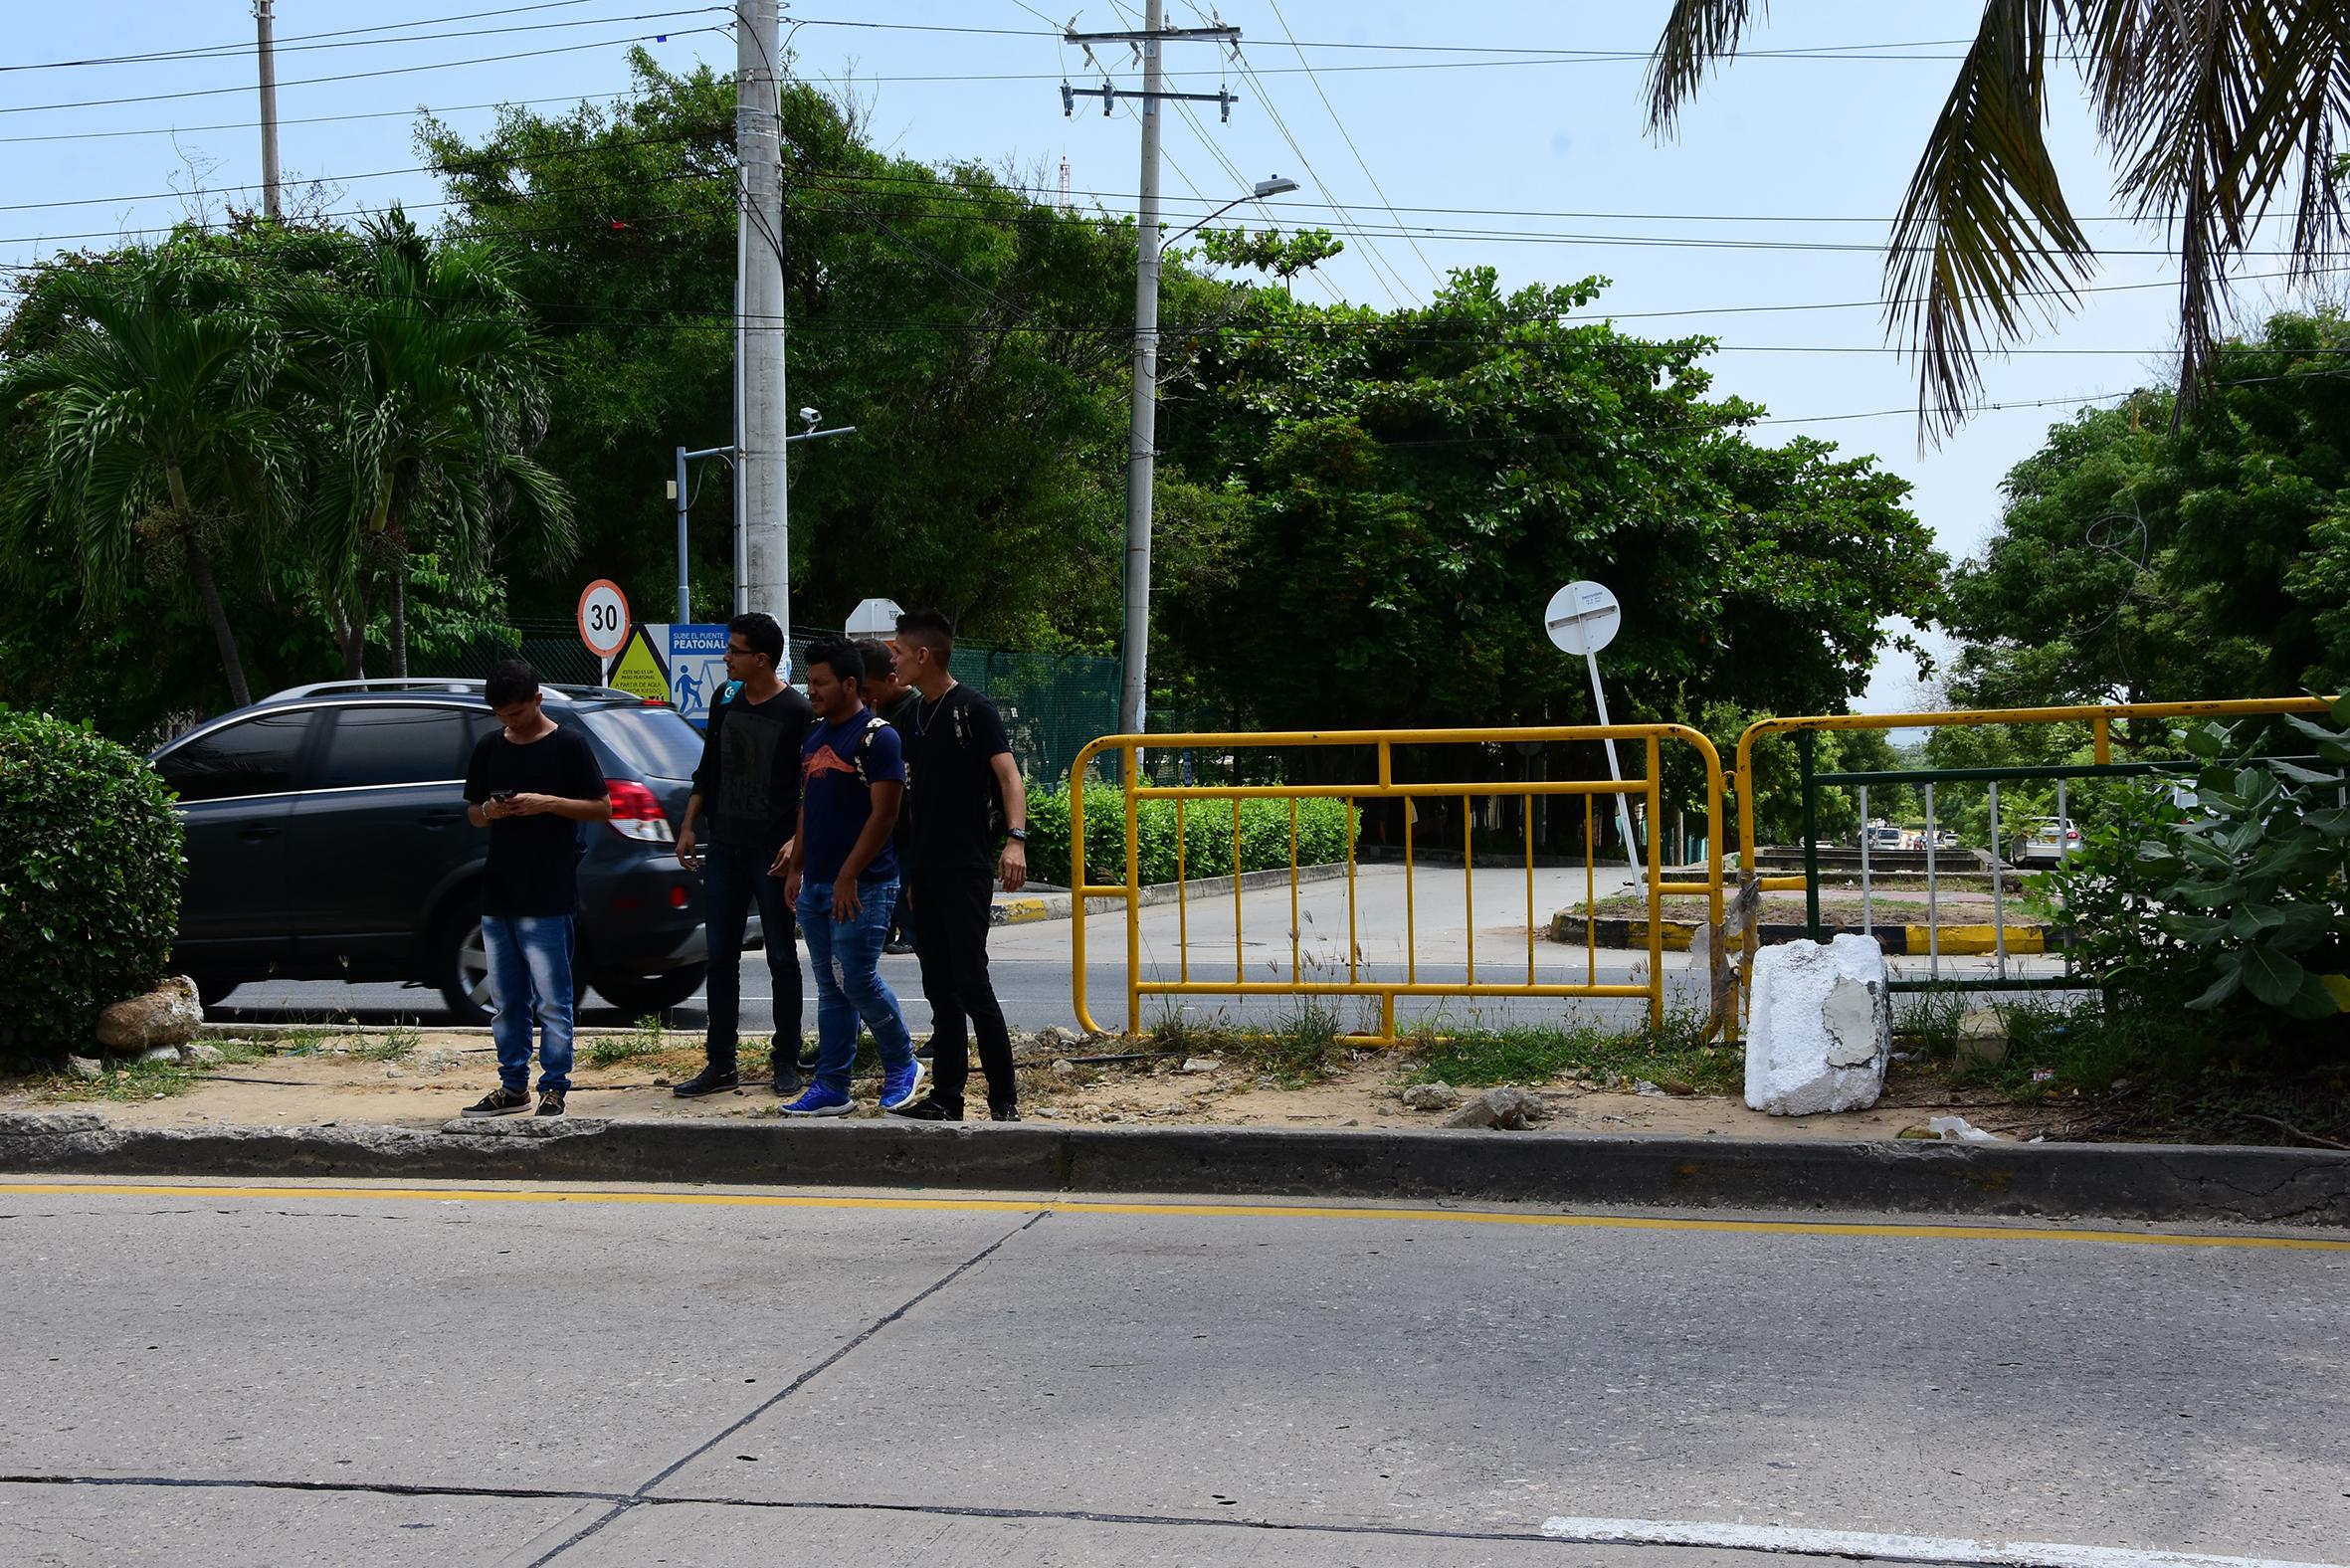 Cuatro estudiantes cruzan la vía por el espacio que dejó el desprendimiento de las vallas a manos de los comerciantes.